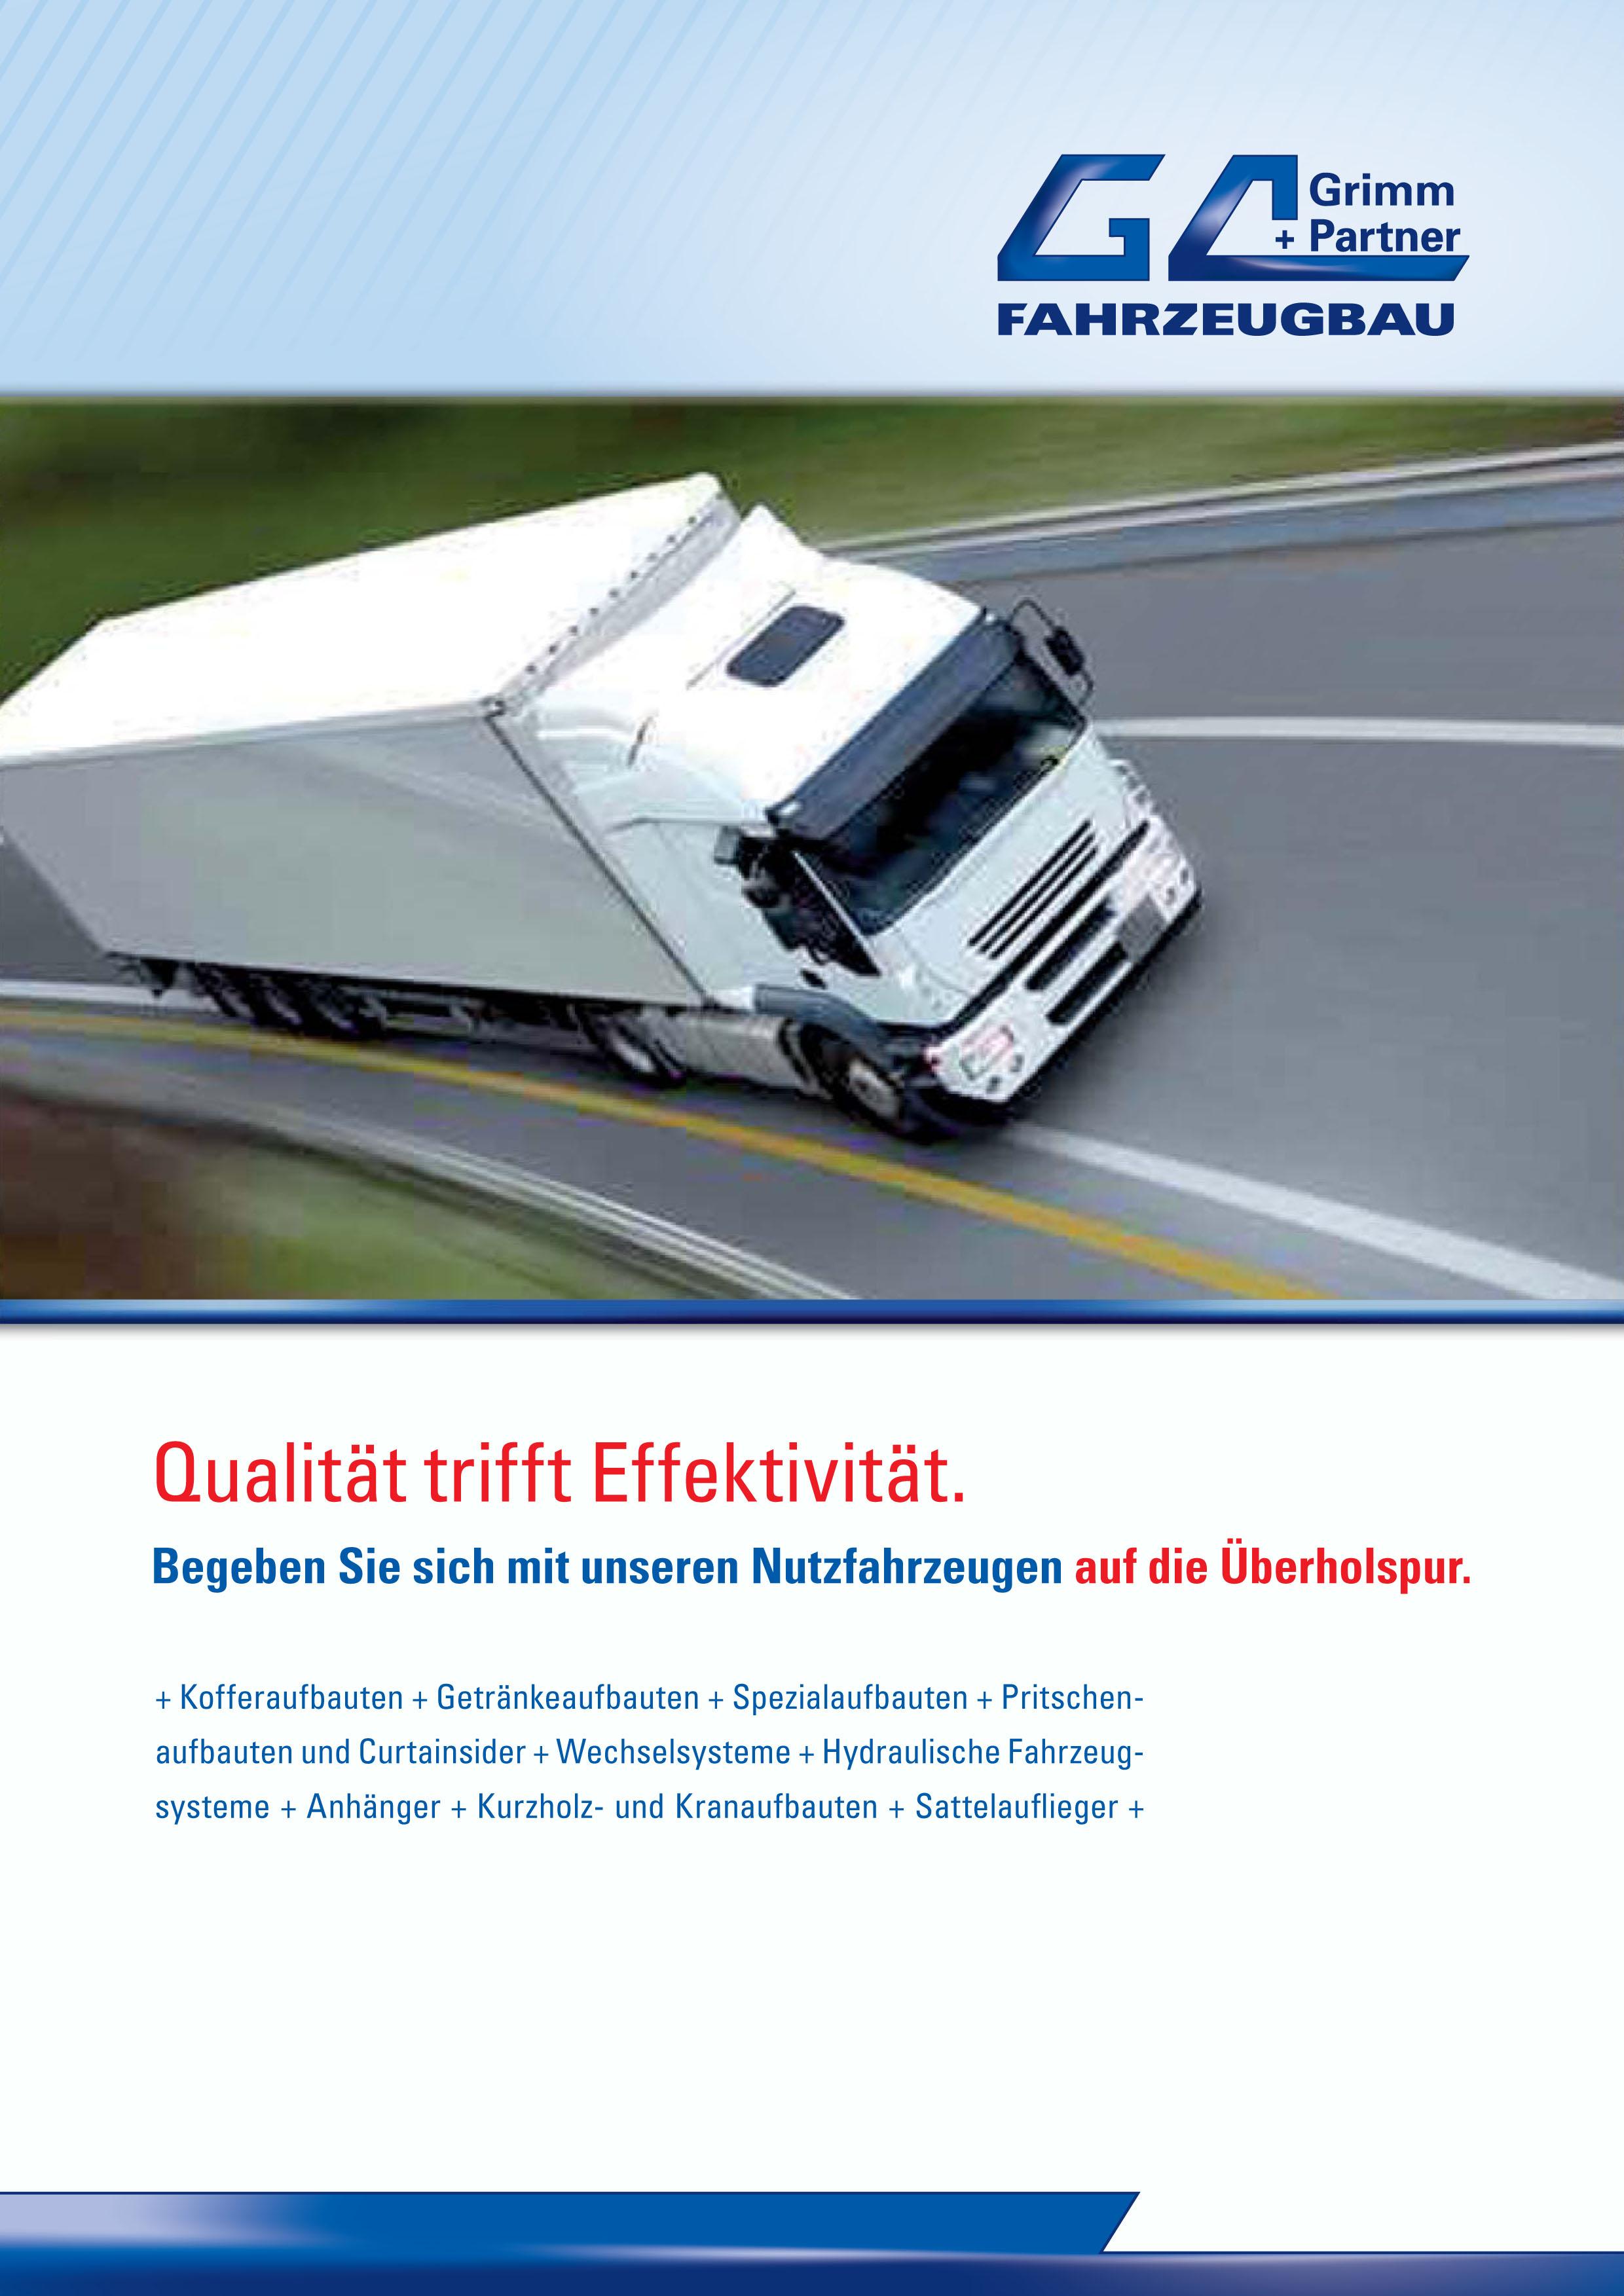 Titelseite Imagebroschüre Grimm und Partner Fahrzeugbau. Begeben Sie sich mit unseren Nutzfahrzeugen auf die Überholspur. Zum Ansehen der Broschüre bitte anklicken.